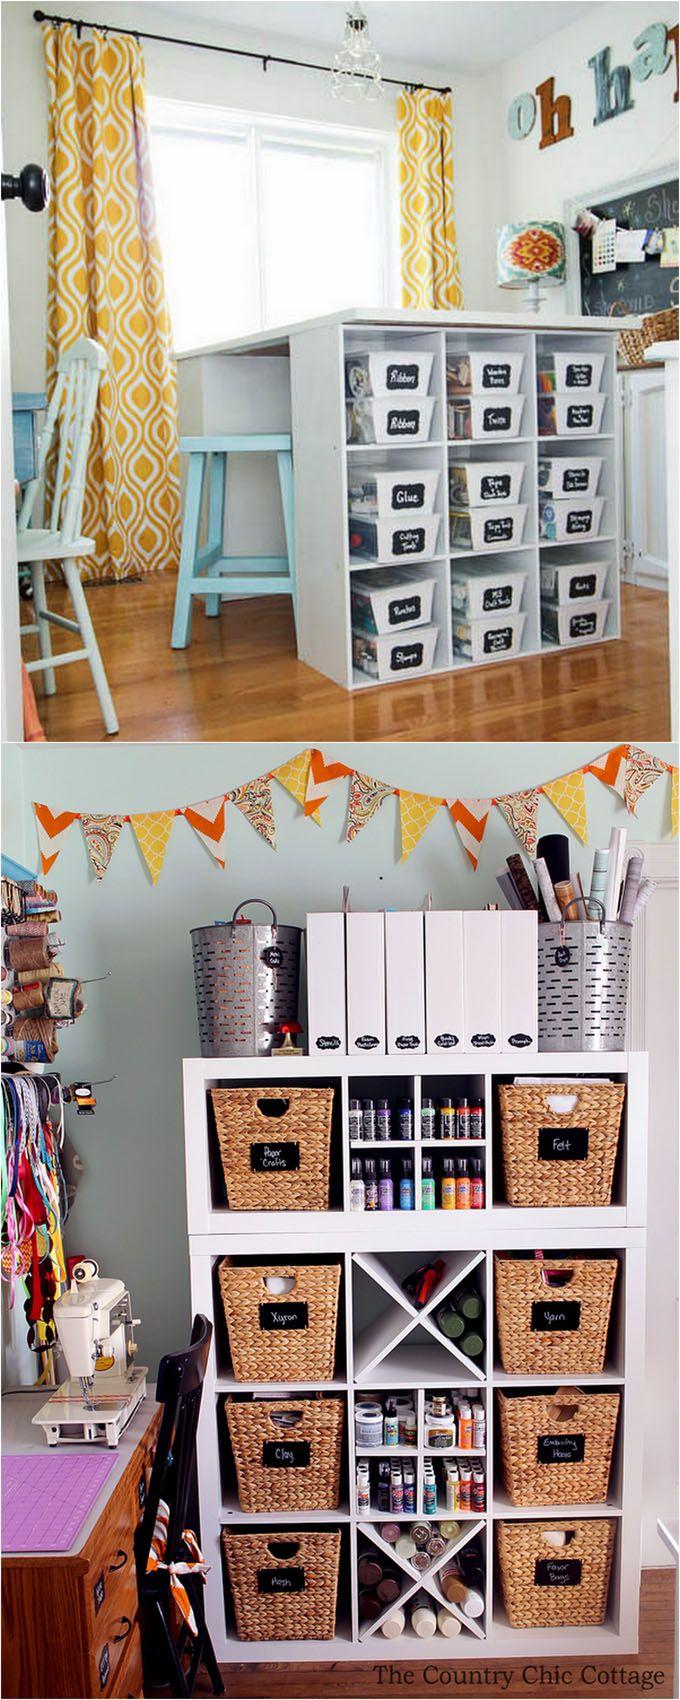 die 25 besten ideen zu werkbank selber bauen auf pinterest werkbank selber machen werkbank. Black Bedroom Furniture Sets. Home Design Ideas